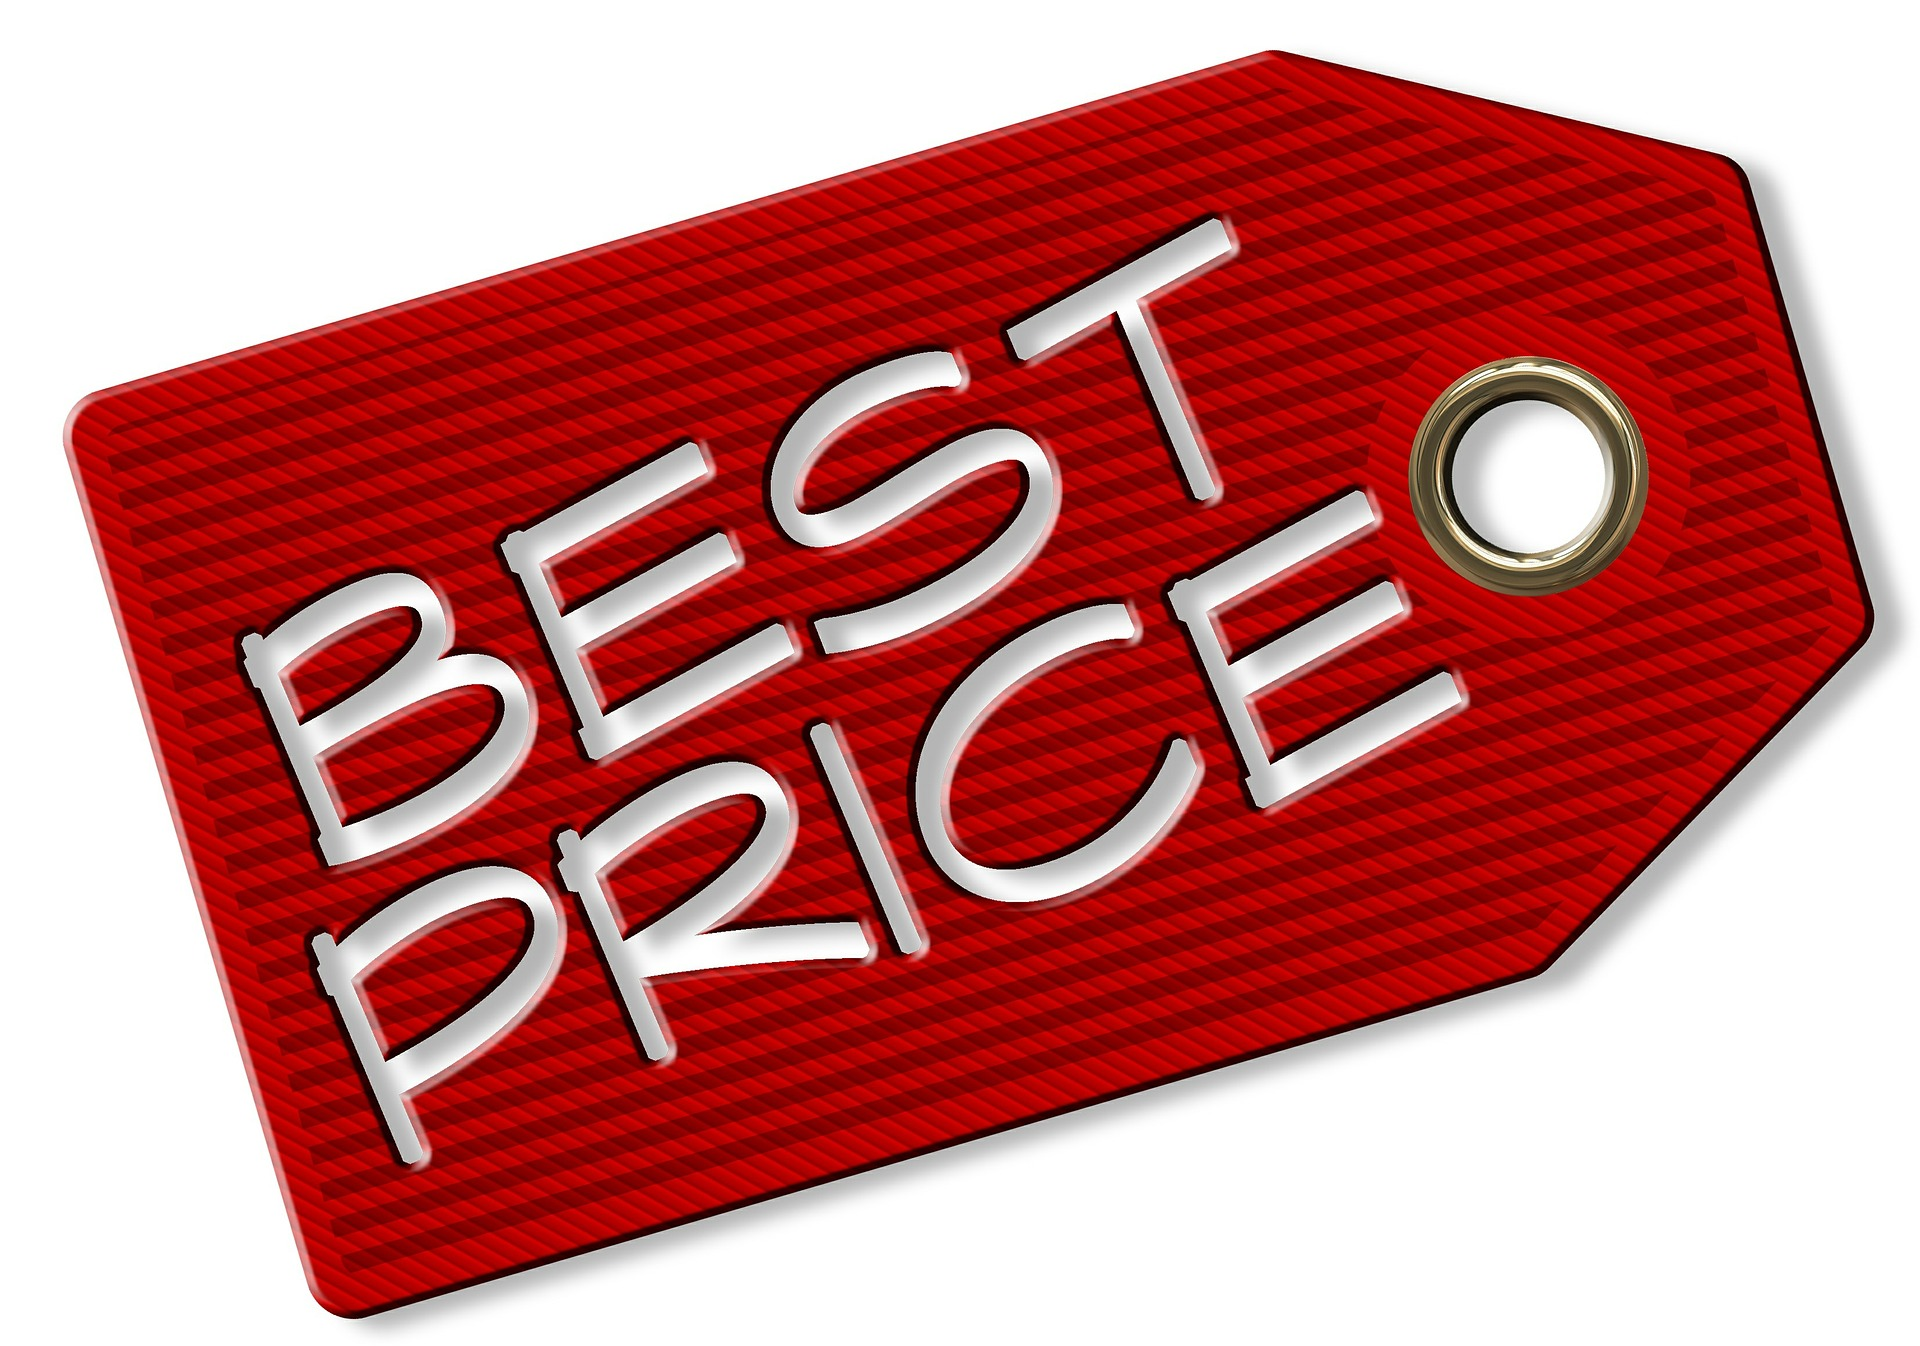 price-tag-374404_1920.jpg